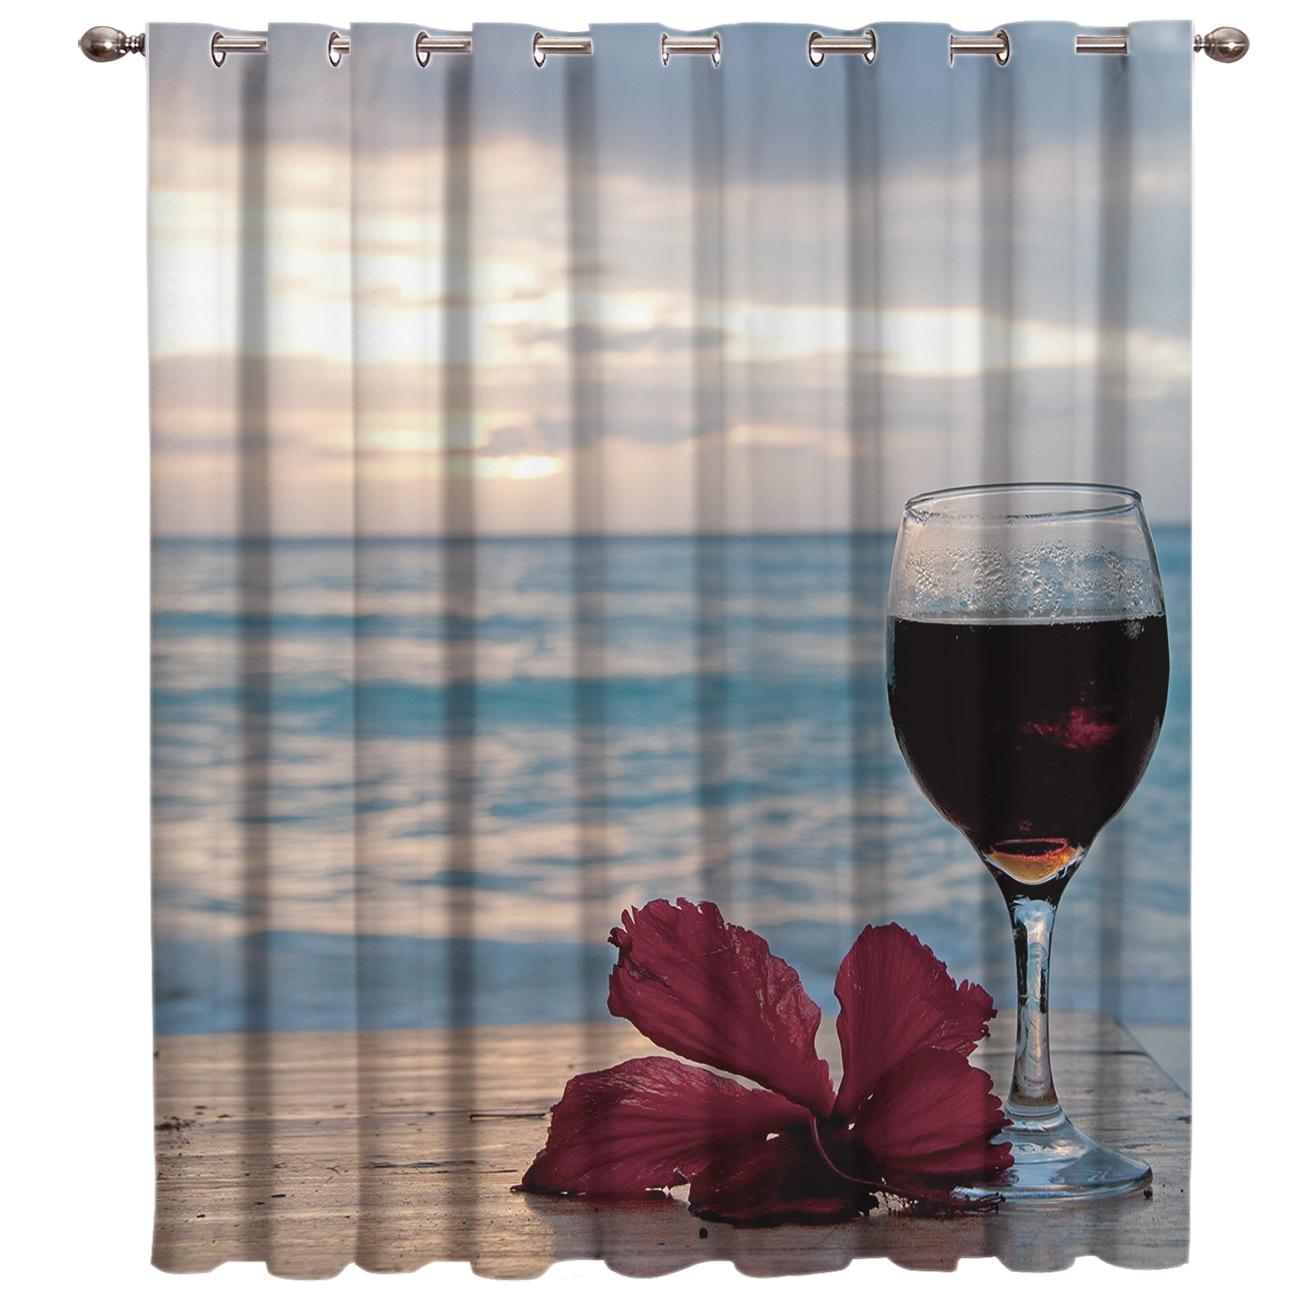 Wine Beach Flowers And Sunrise Window Treatments Curtains Valance Living Room Bathroom Bedroom Indoor Decor Window Treatment